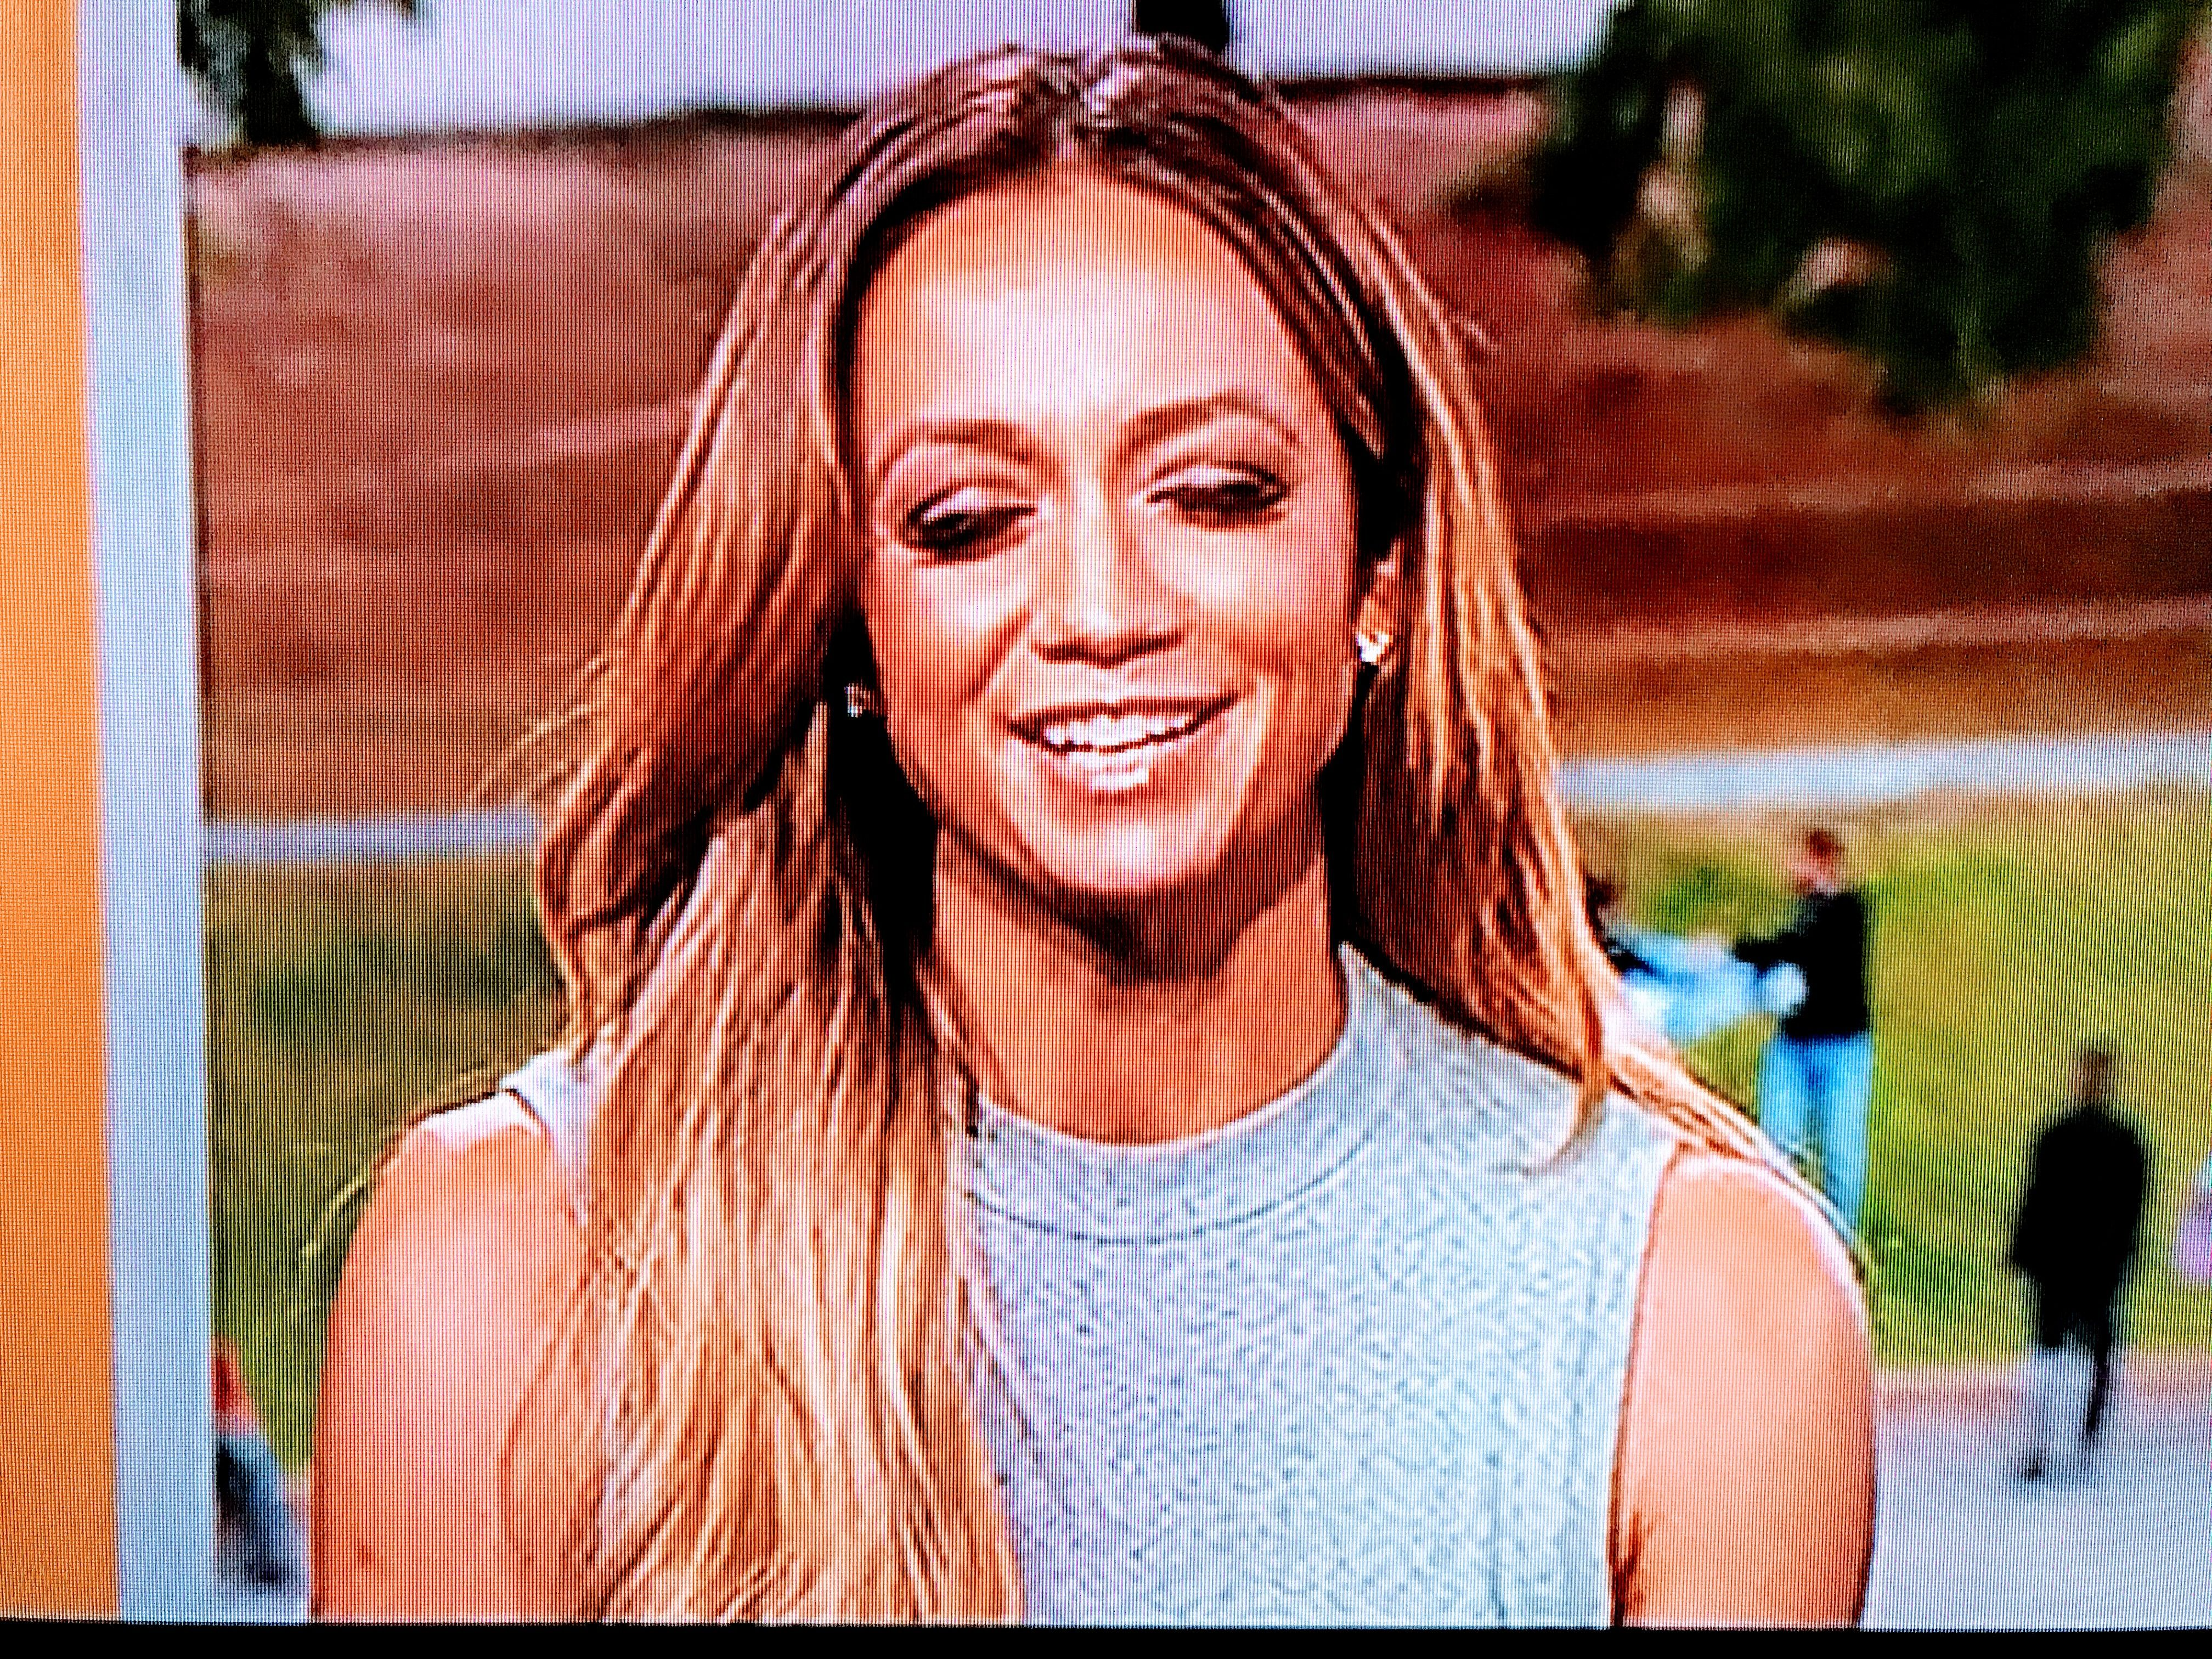 Mengenal kate abdo, host cantik fifa ballon d'or 2015. Kate Abdo   Long hair styles, Kate abdo, Hair styles